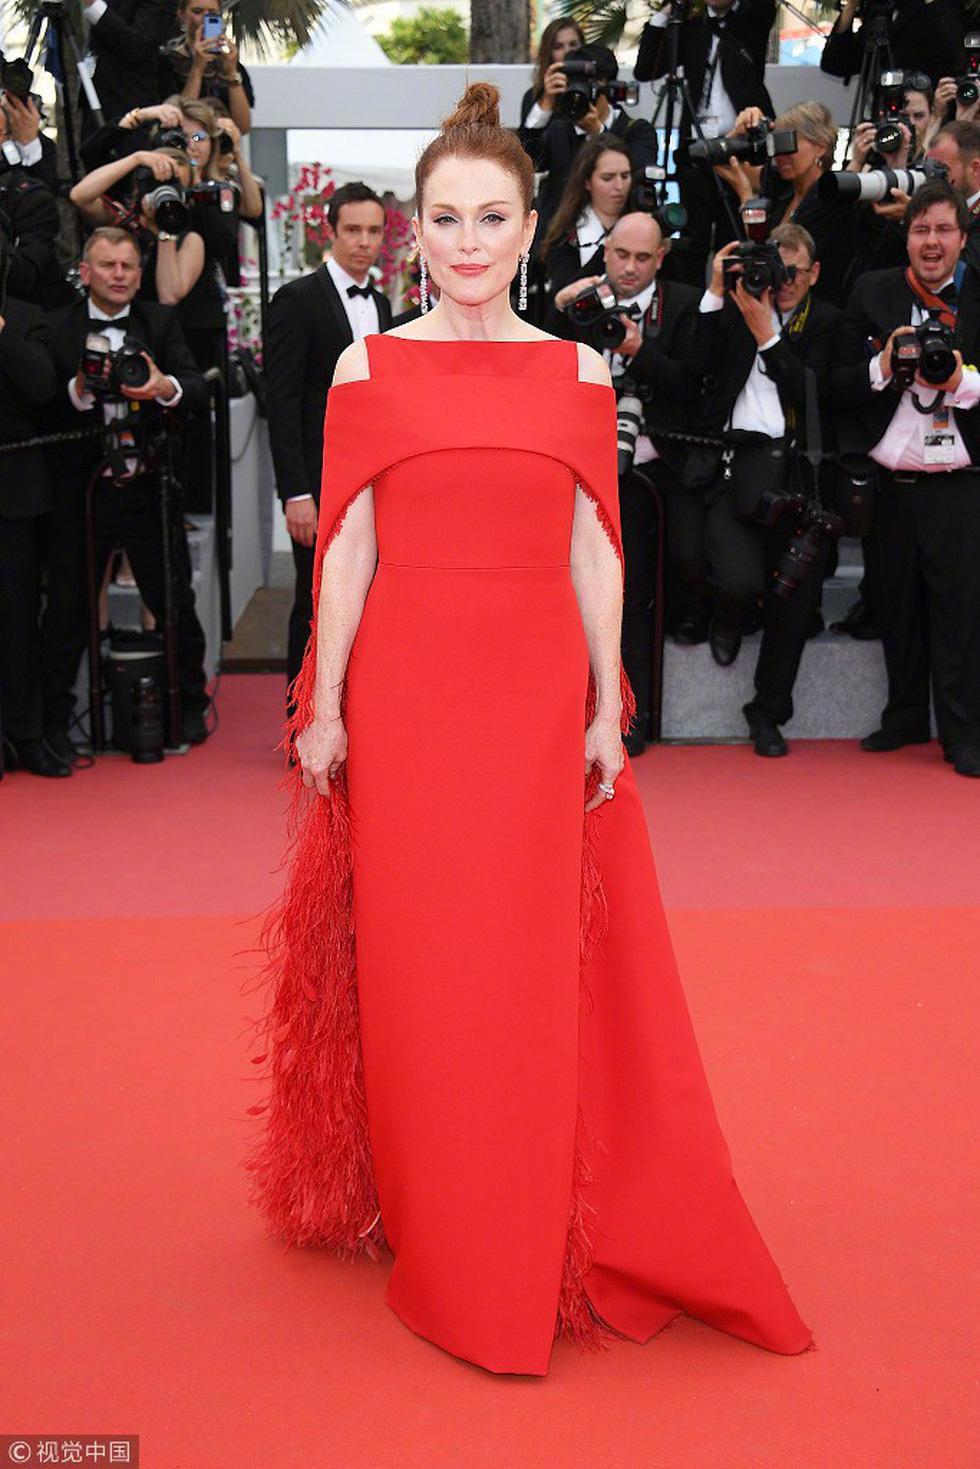 Cate Blanchett mặc đồ cũ, dàn sao nữ lộng lẫy trên thảm đỏ Cannes - Ảnh 5.